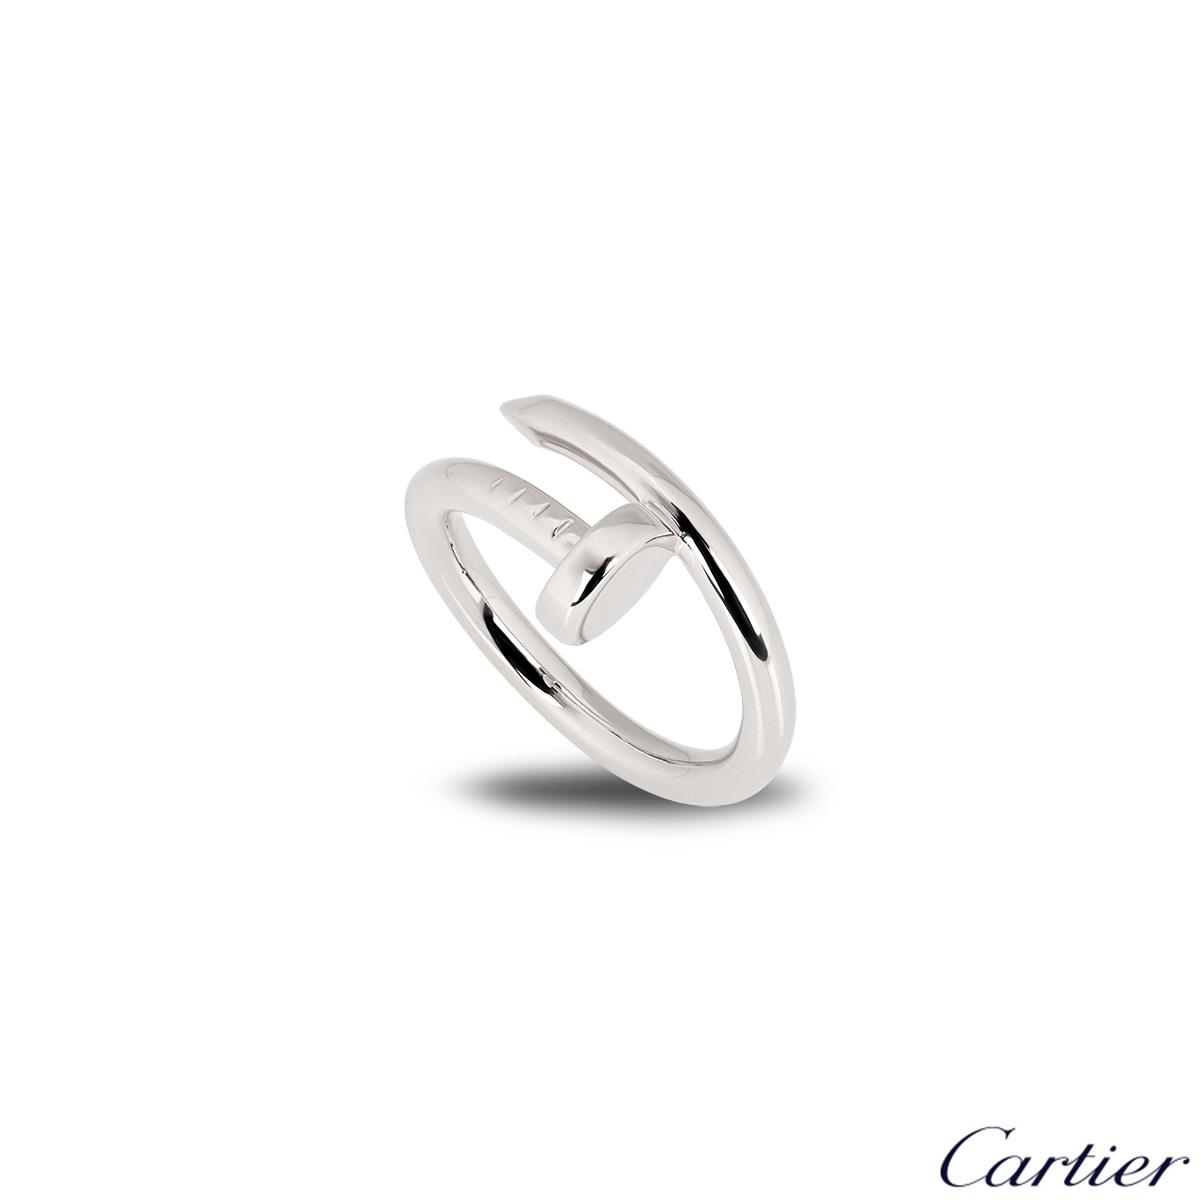 Cartier 18k White Gold Plain Juste Un Clou Ring Size 52 B4099200